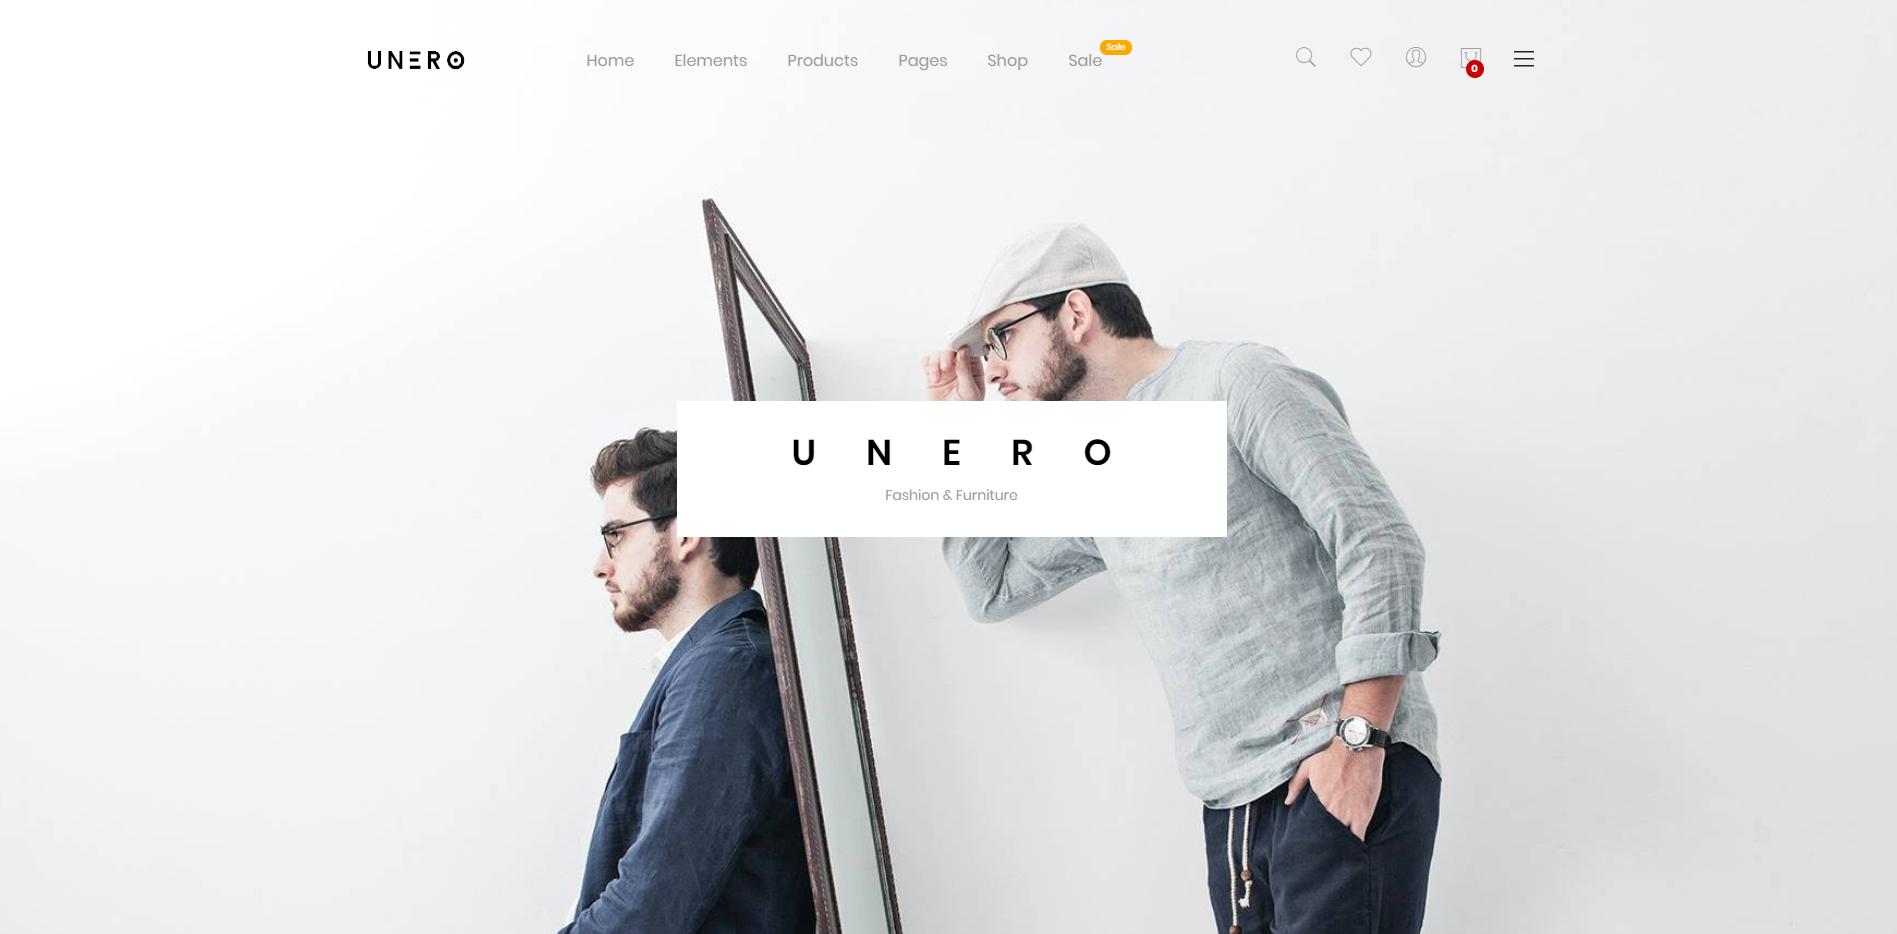 unero theme homepage